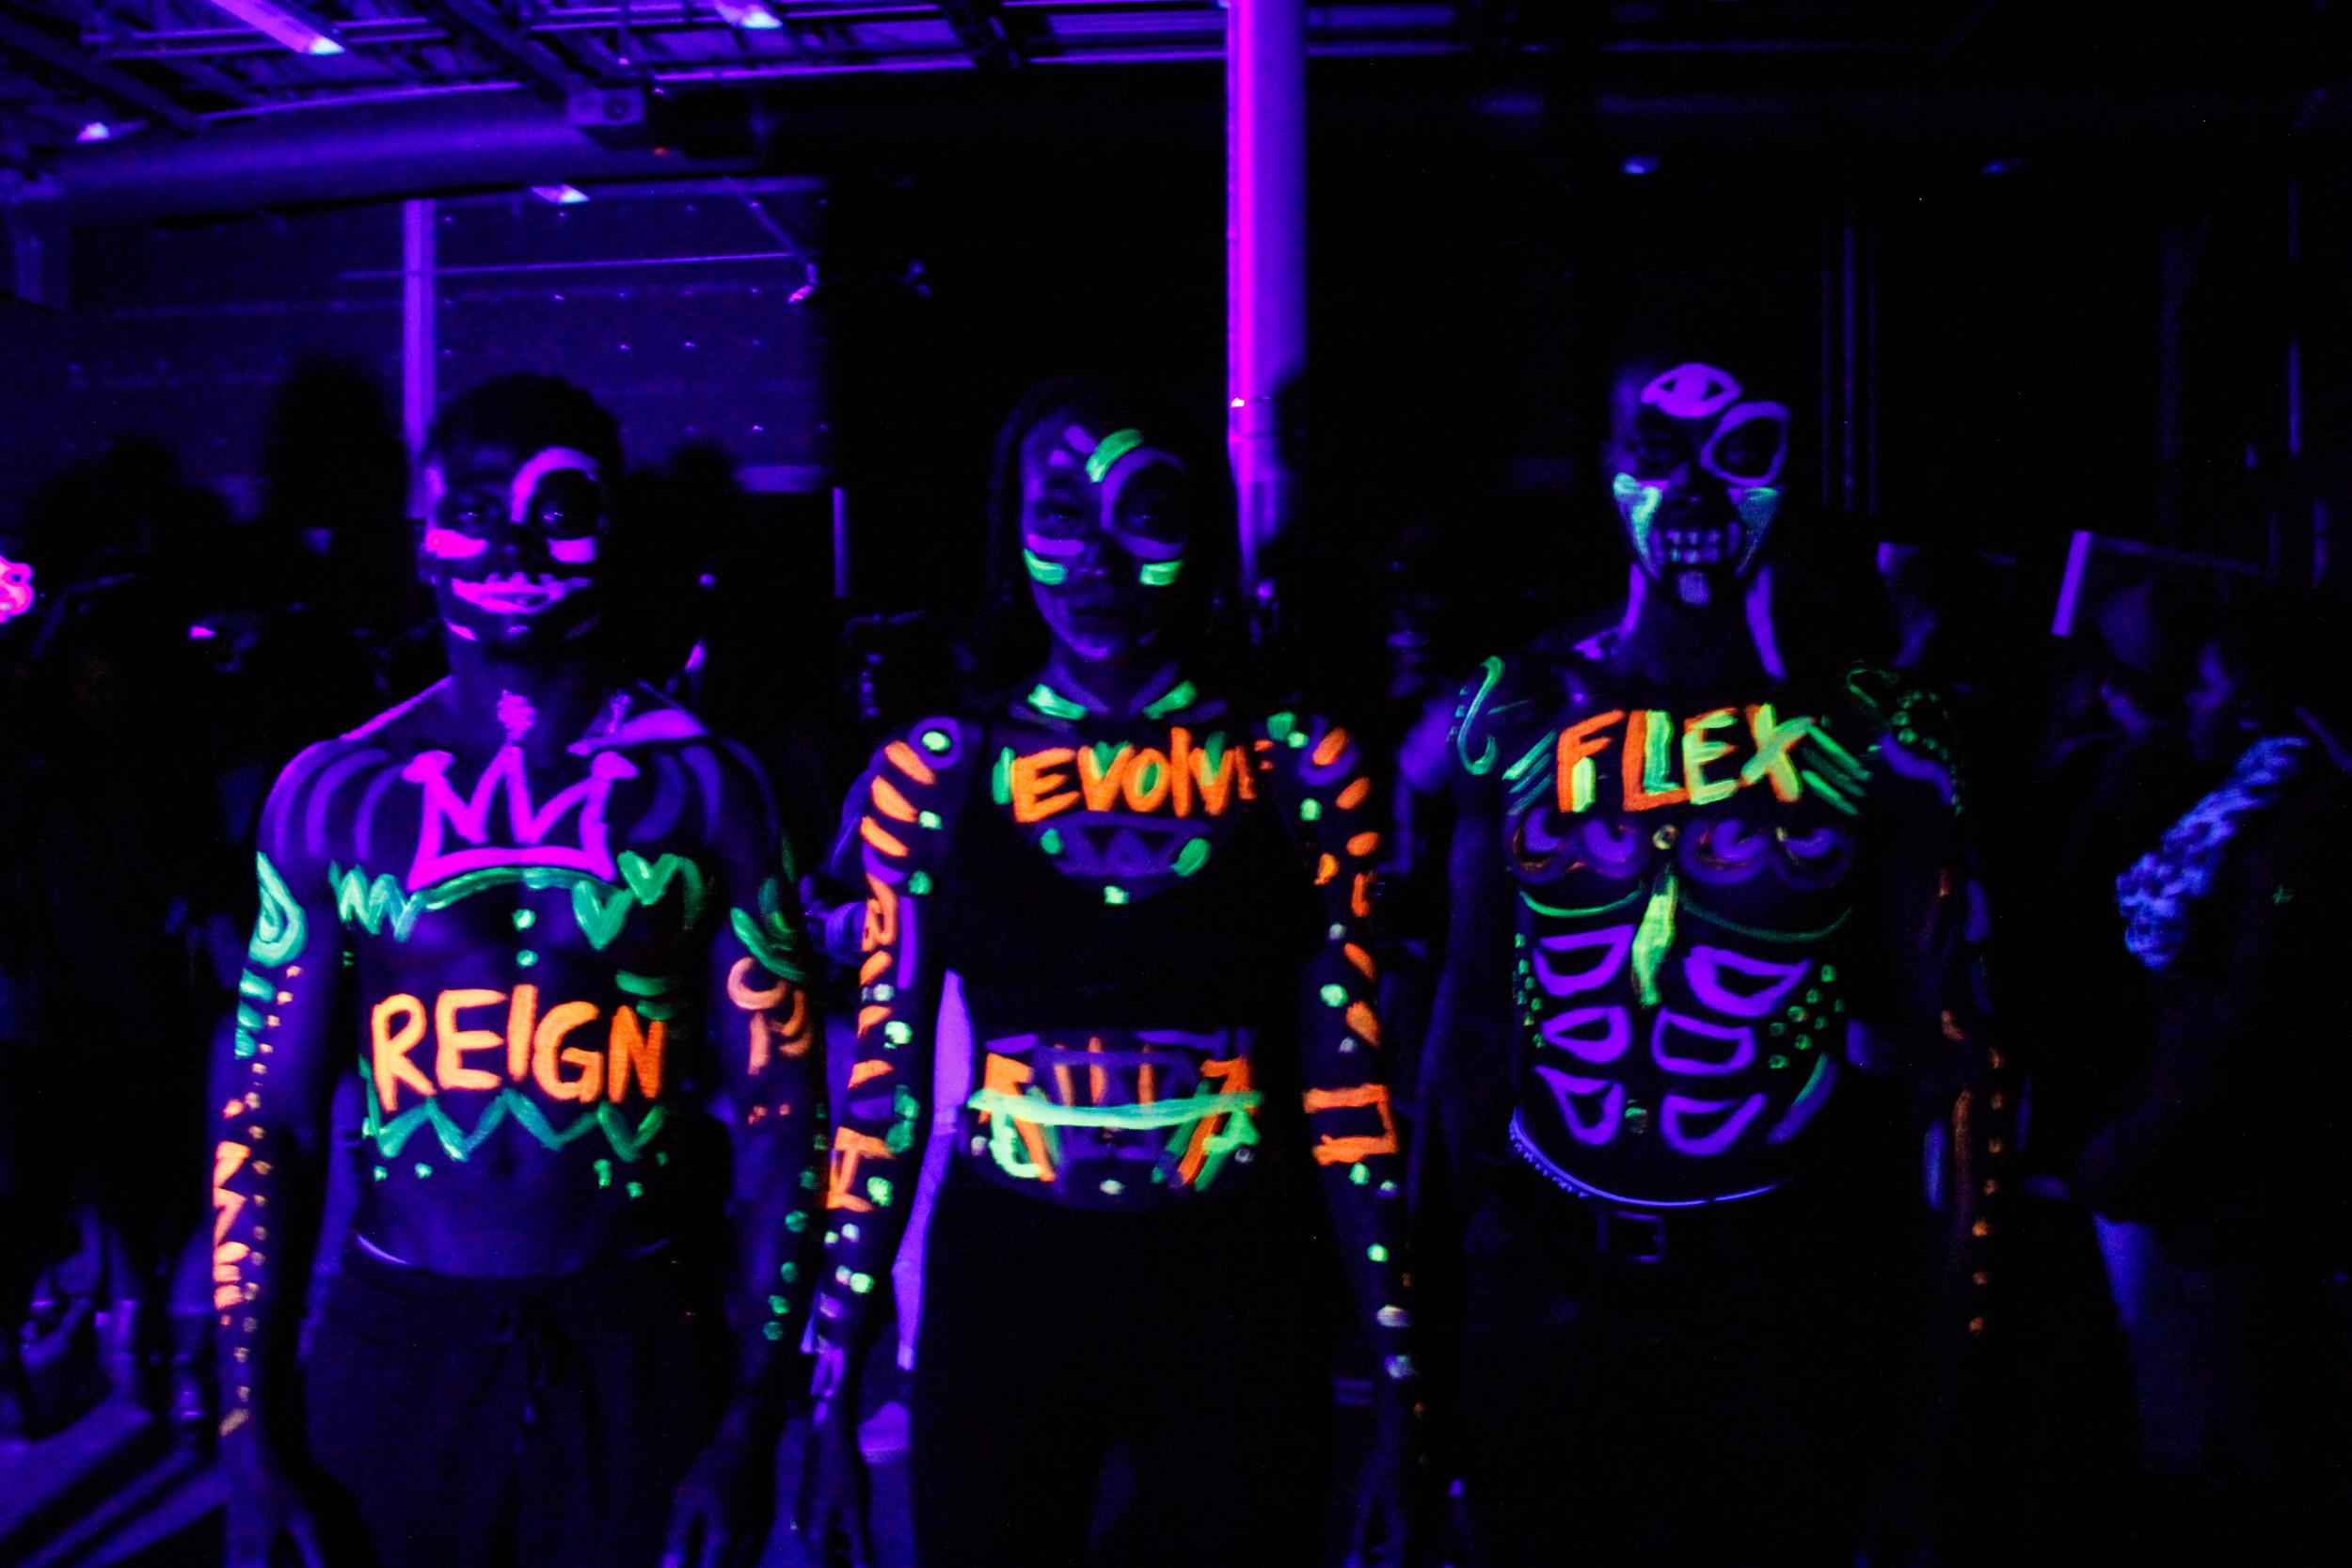 Models in blacklight